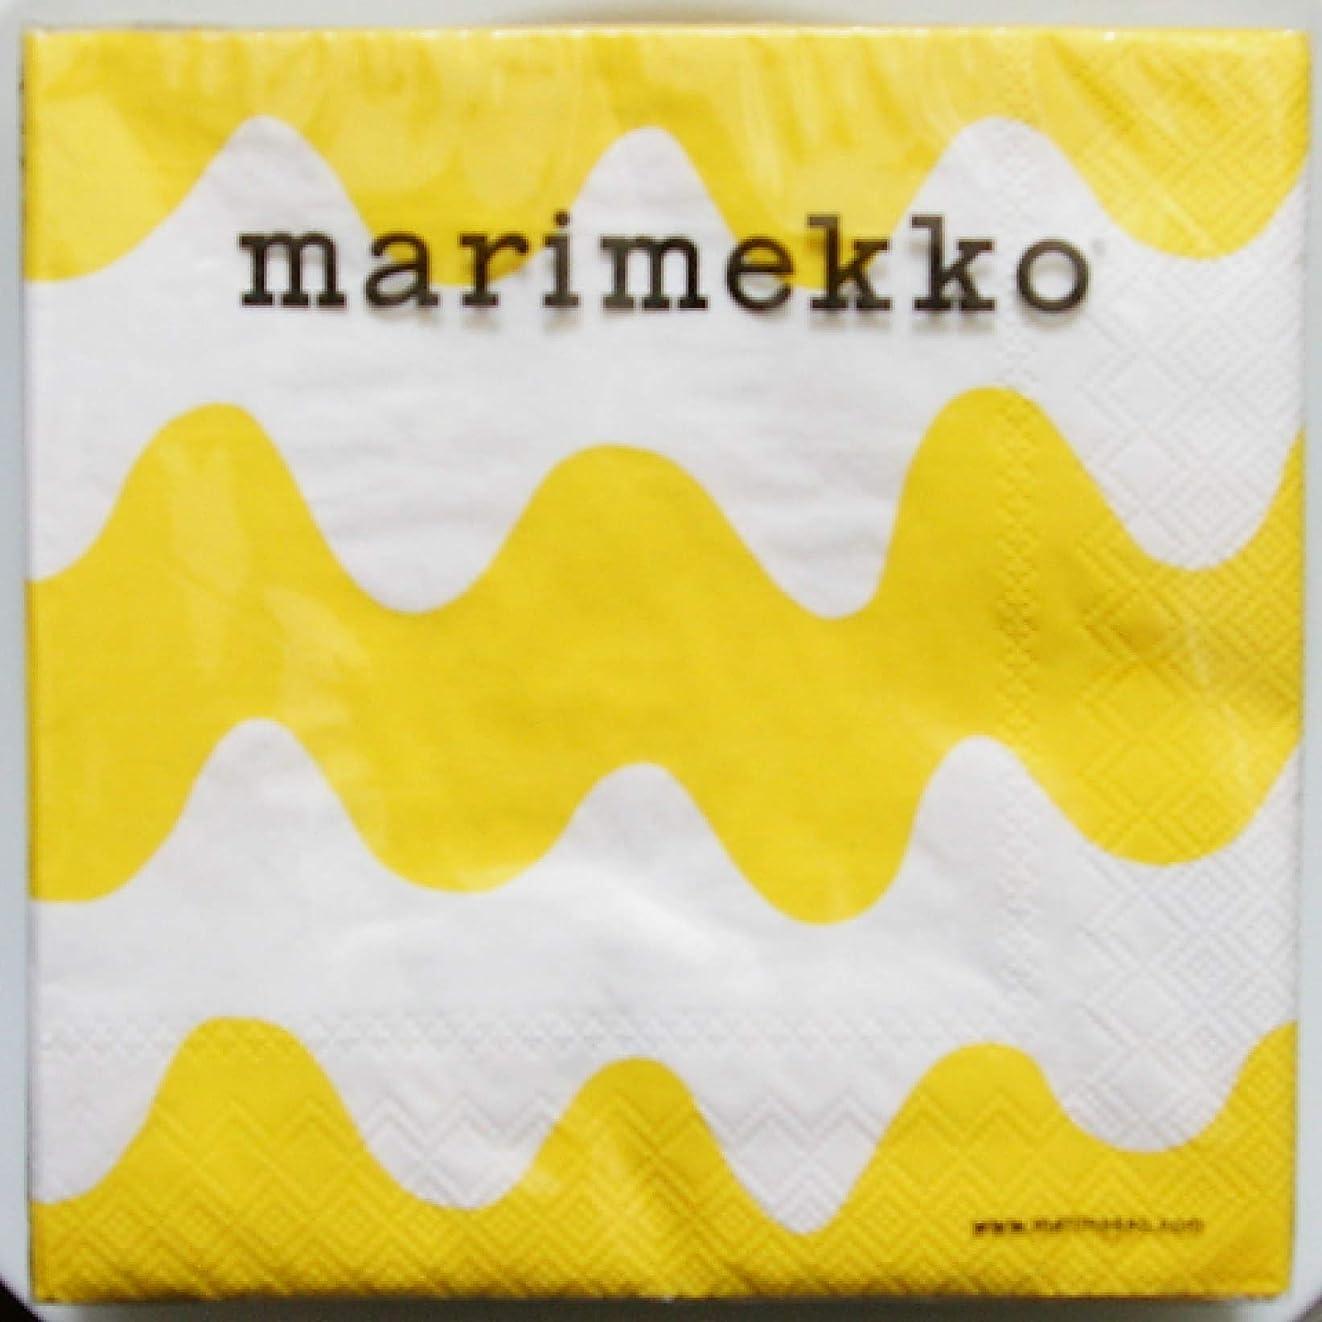 フルーツ拳鋼マリメッコ ペーパーナプキン LOKKI light yellow 33cm marimekko 1パック20枚入り 北欧 [並行輸入品]